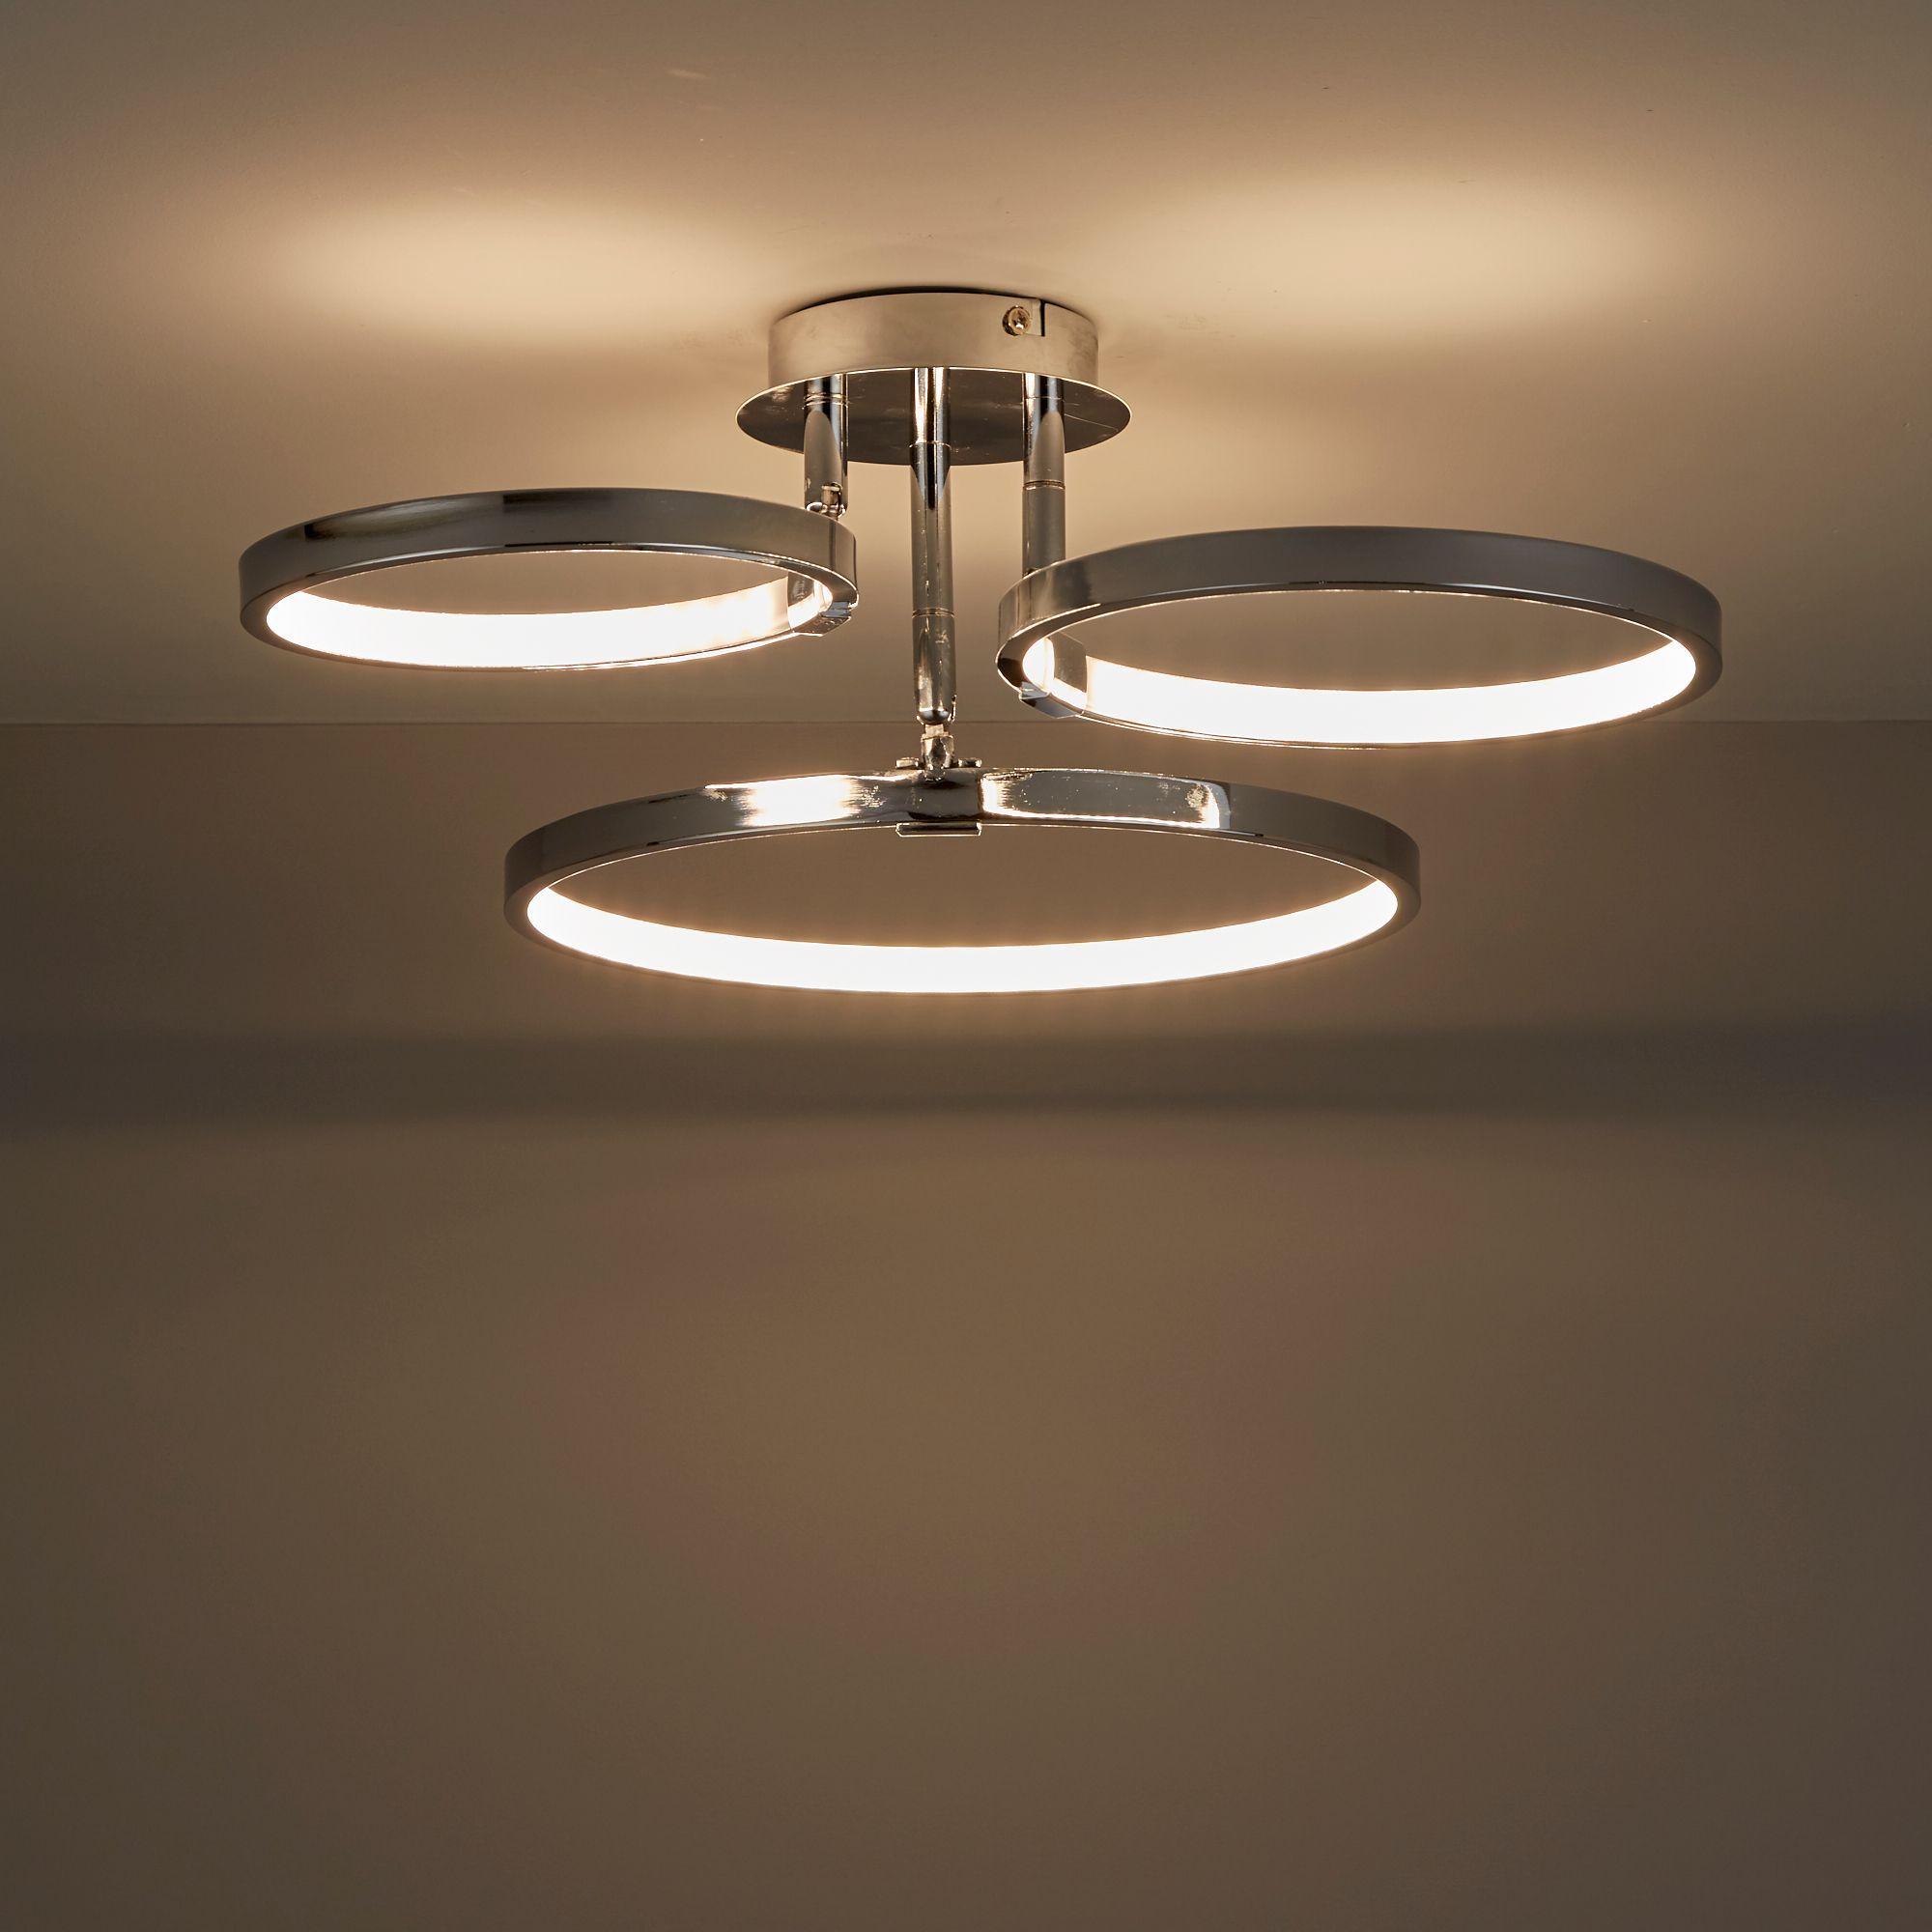 Chrome Effect 3 Lamp Ceiling Light